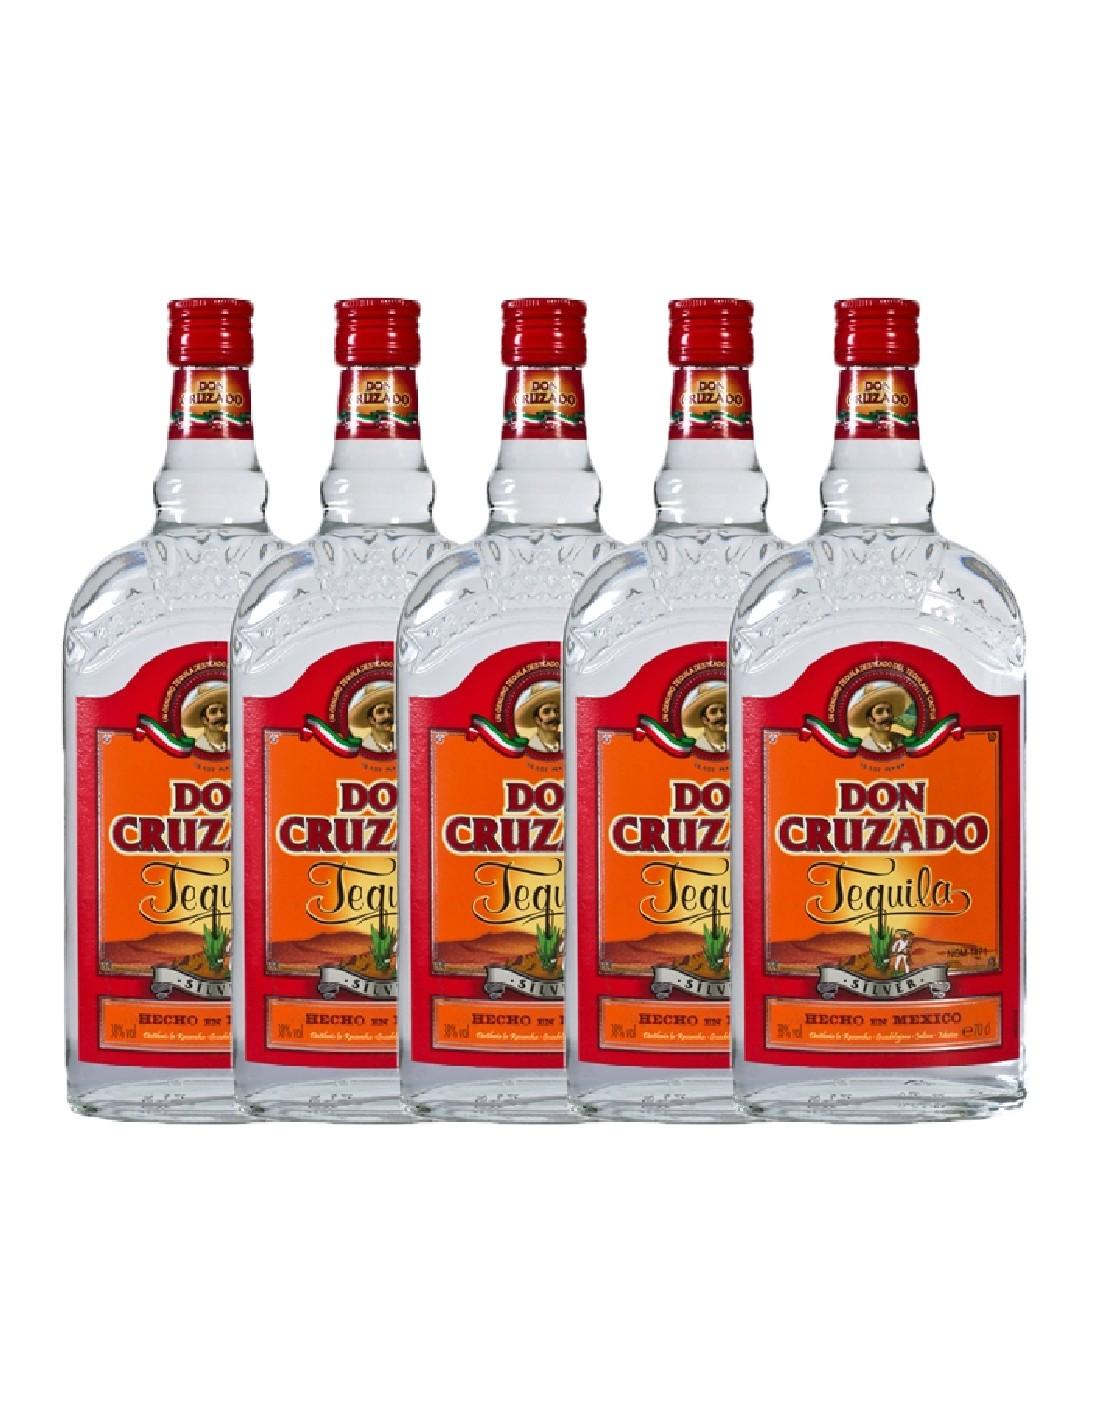 Pachet 5 sticle Tequila alba Don Cruzado Silver 0.7L, 38% alc., Mexic